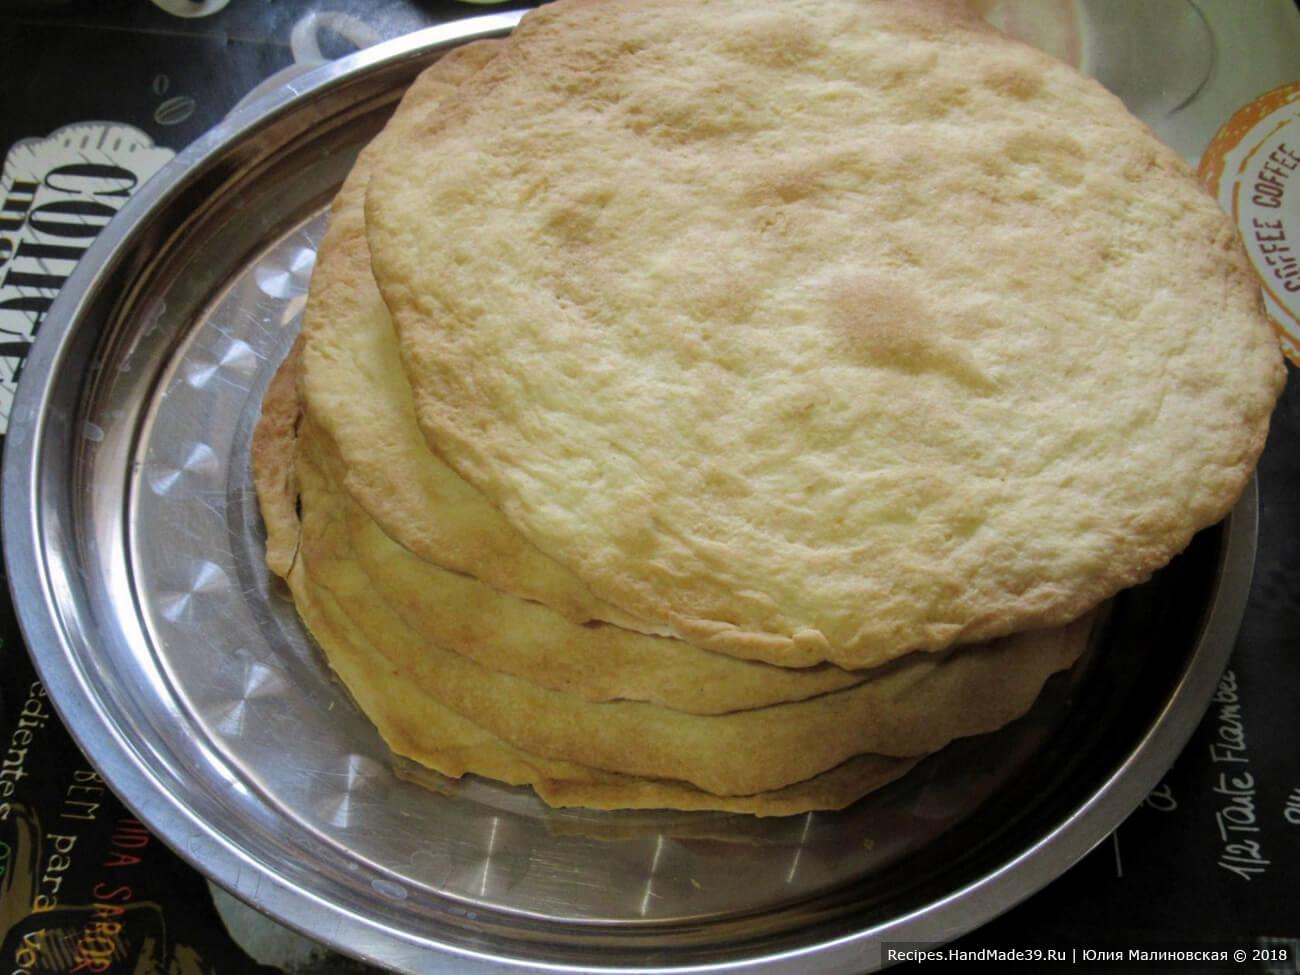 Рецепт коржей для наполеона пошагово